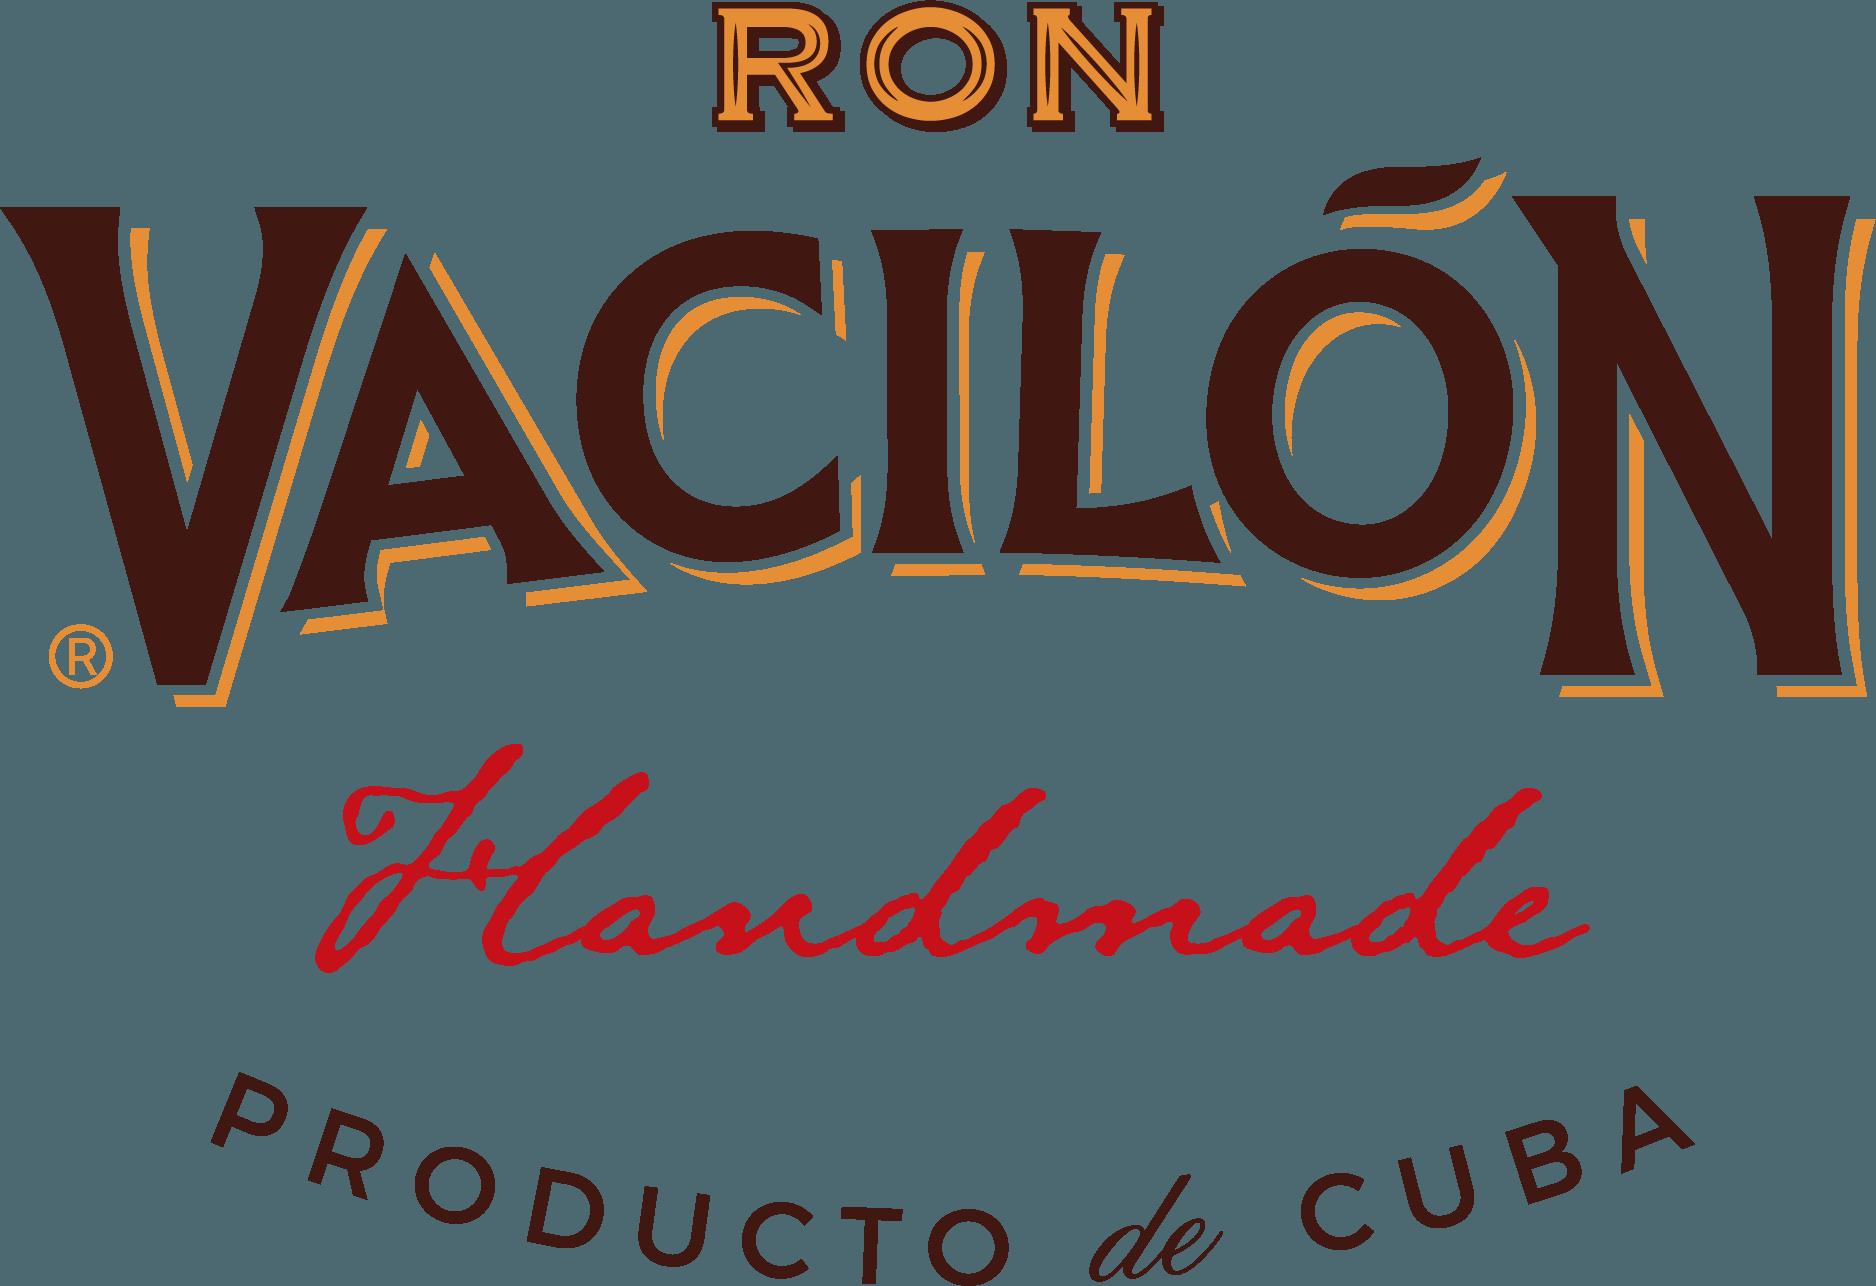 VACILON rum